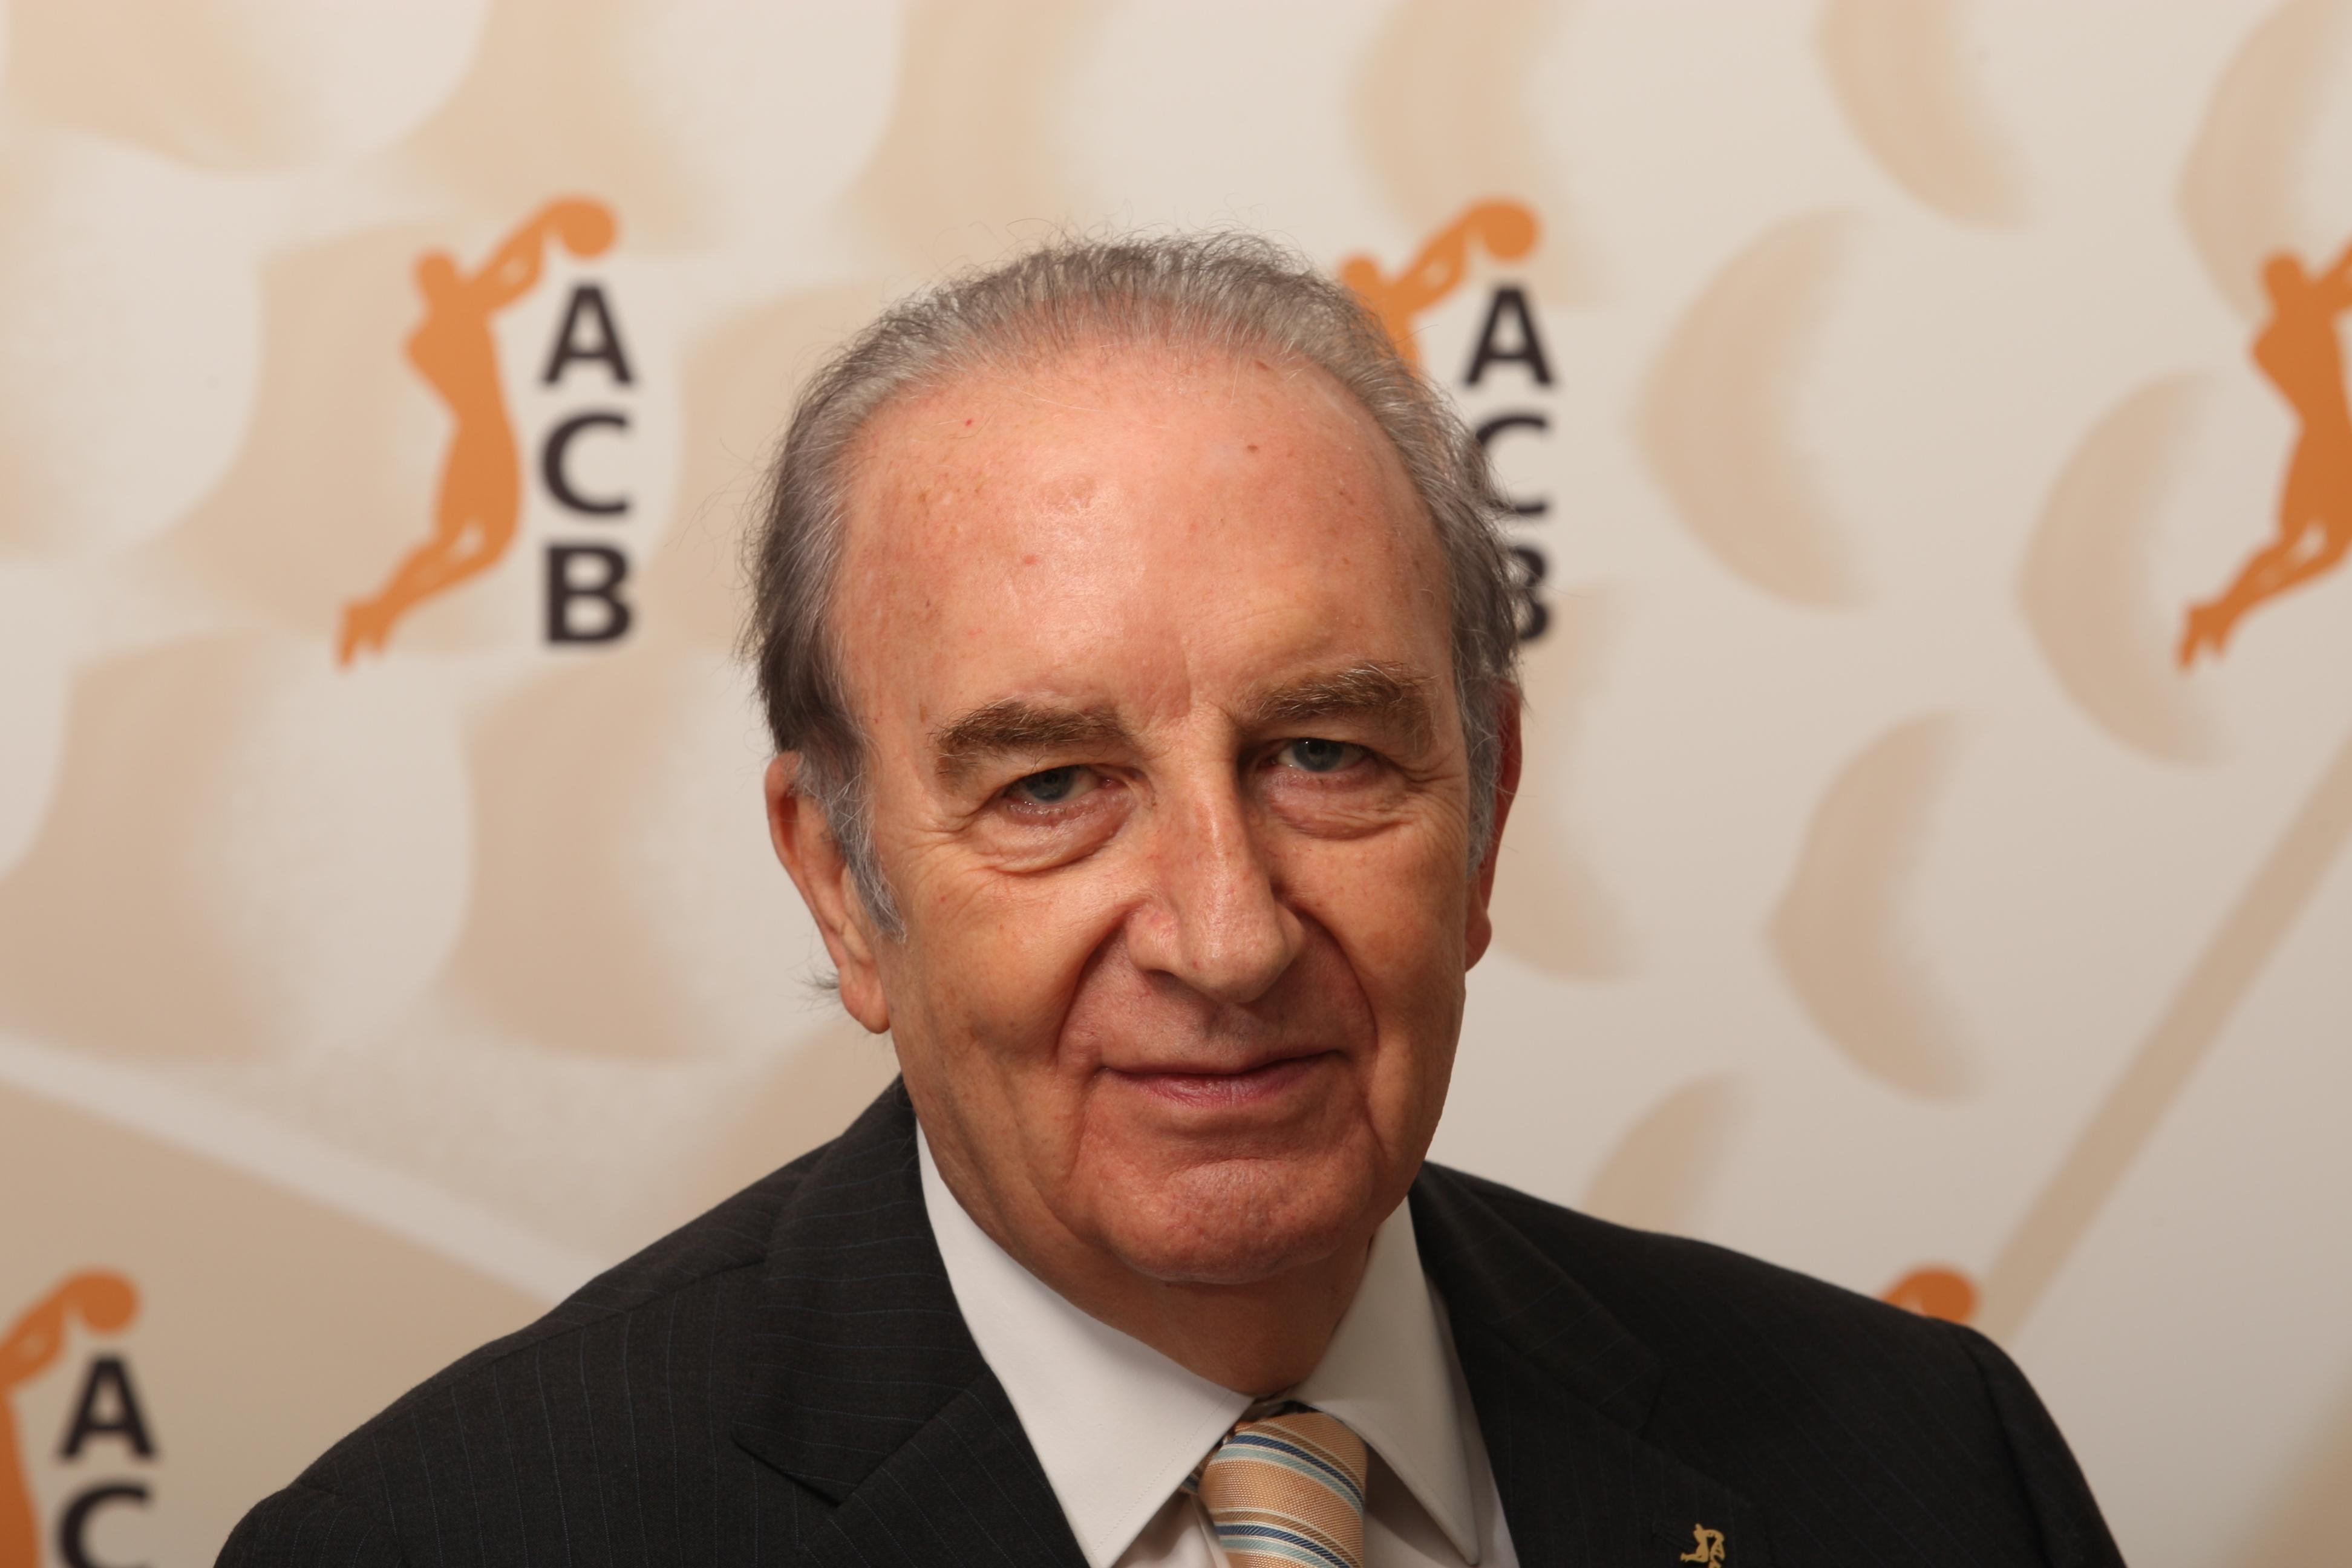 La Comisión Delegada elegirá a un mínimo a tres candidatos para presidir la ACB